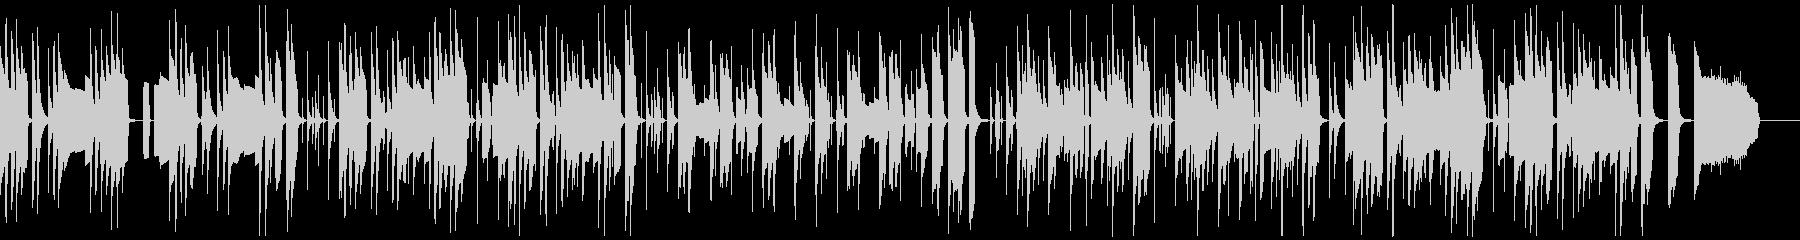 ほのぼのマリンバ_ピアニカの未再生の波形